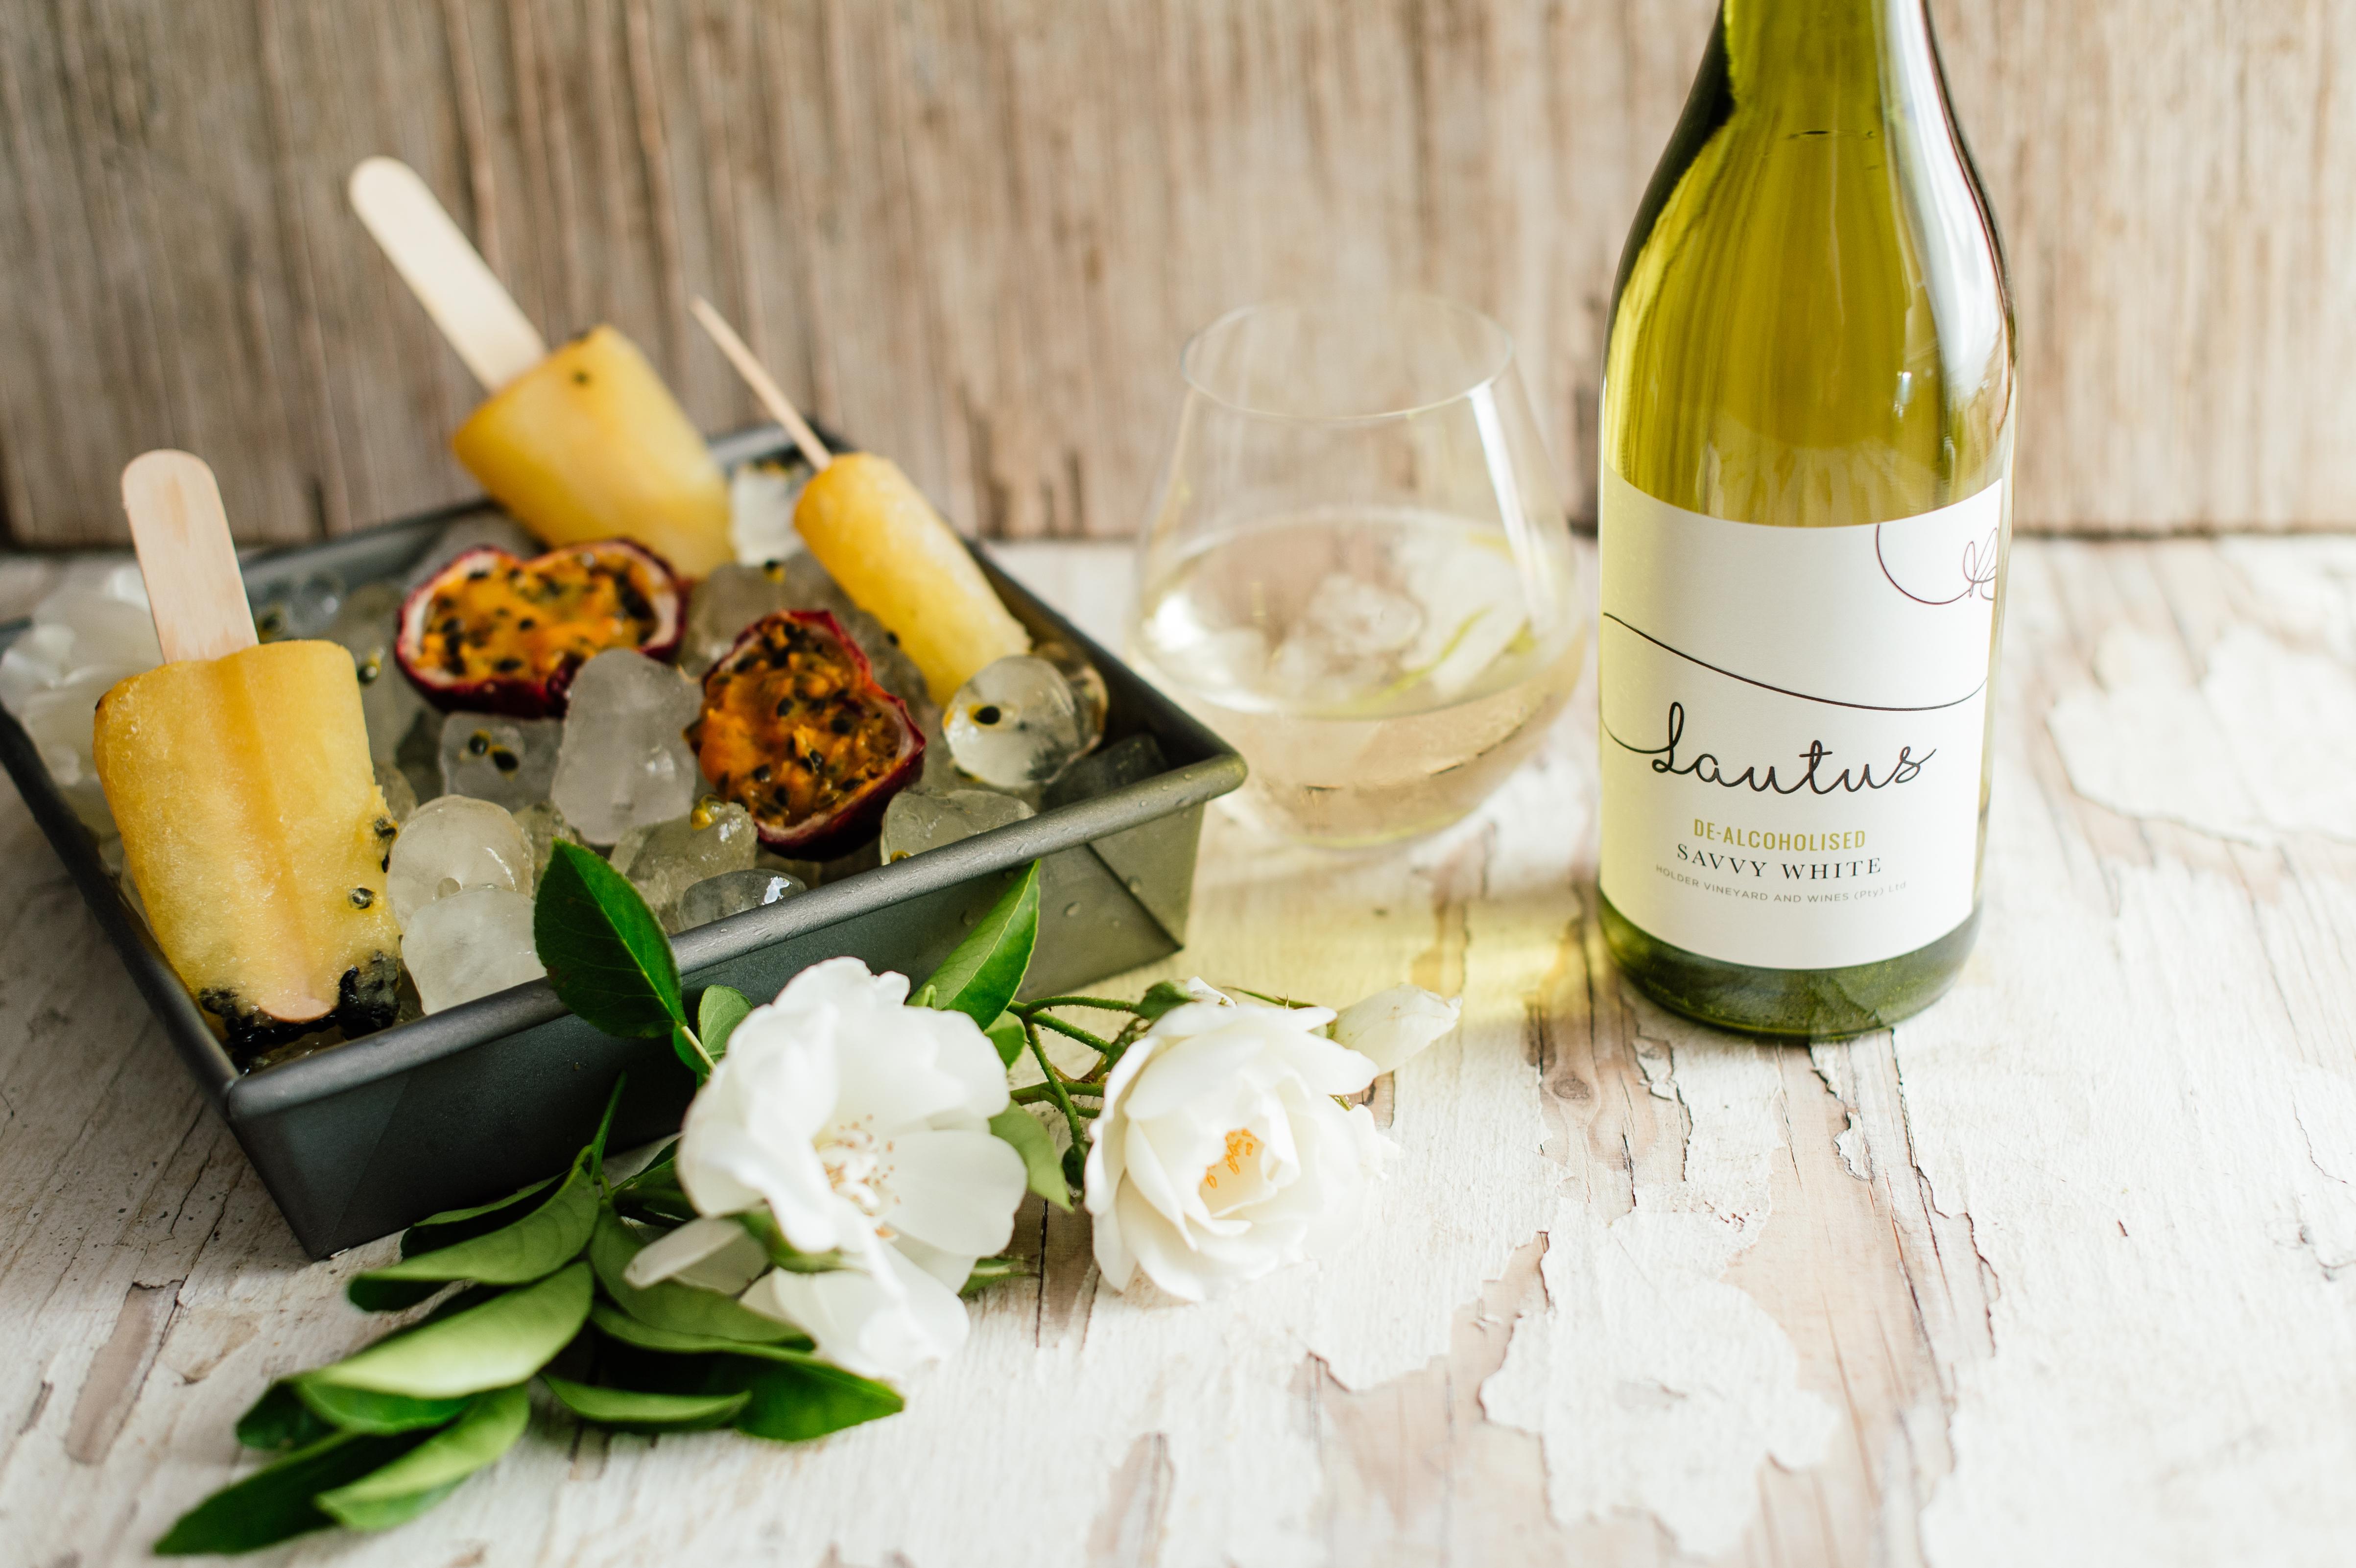 Lautus Savvy White Talks About Their Alcohol-free White Wine photo